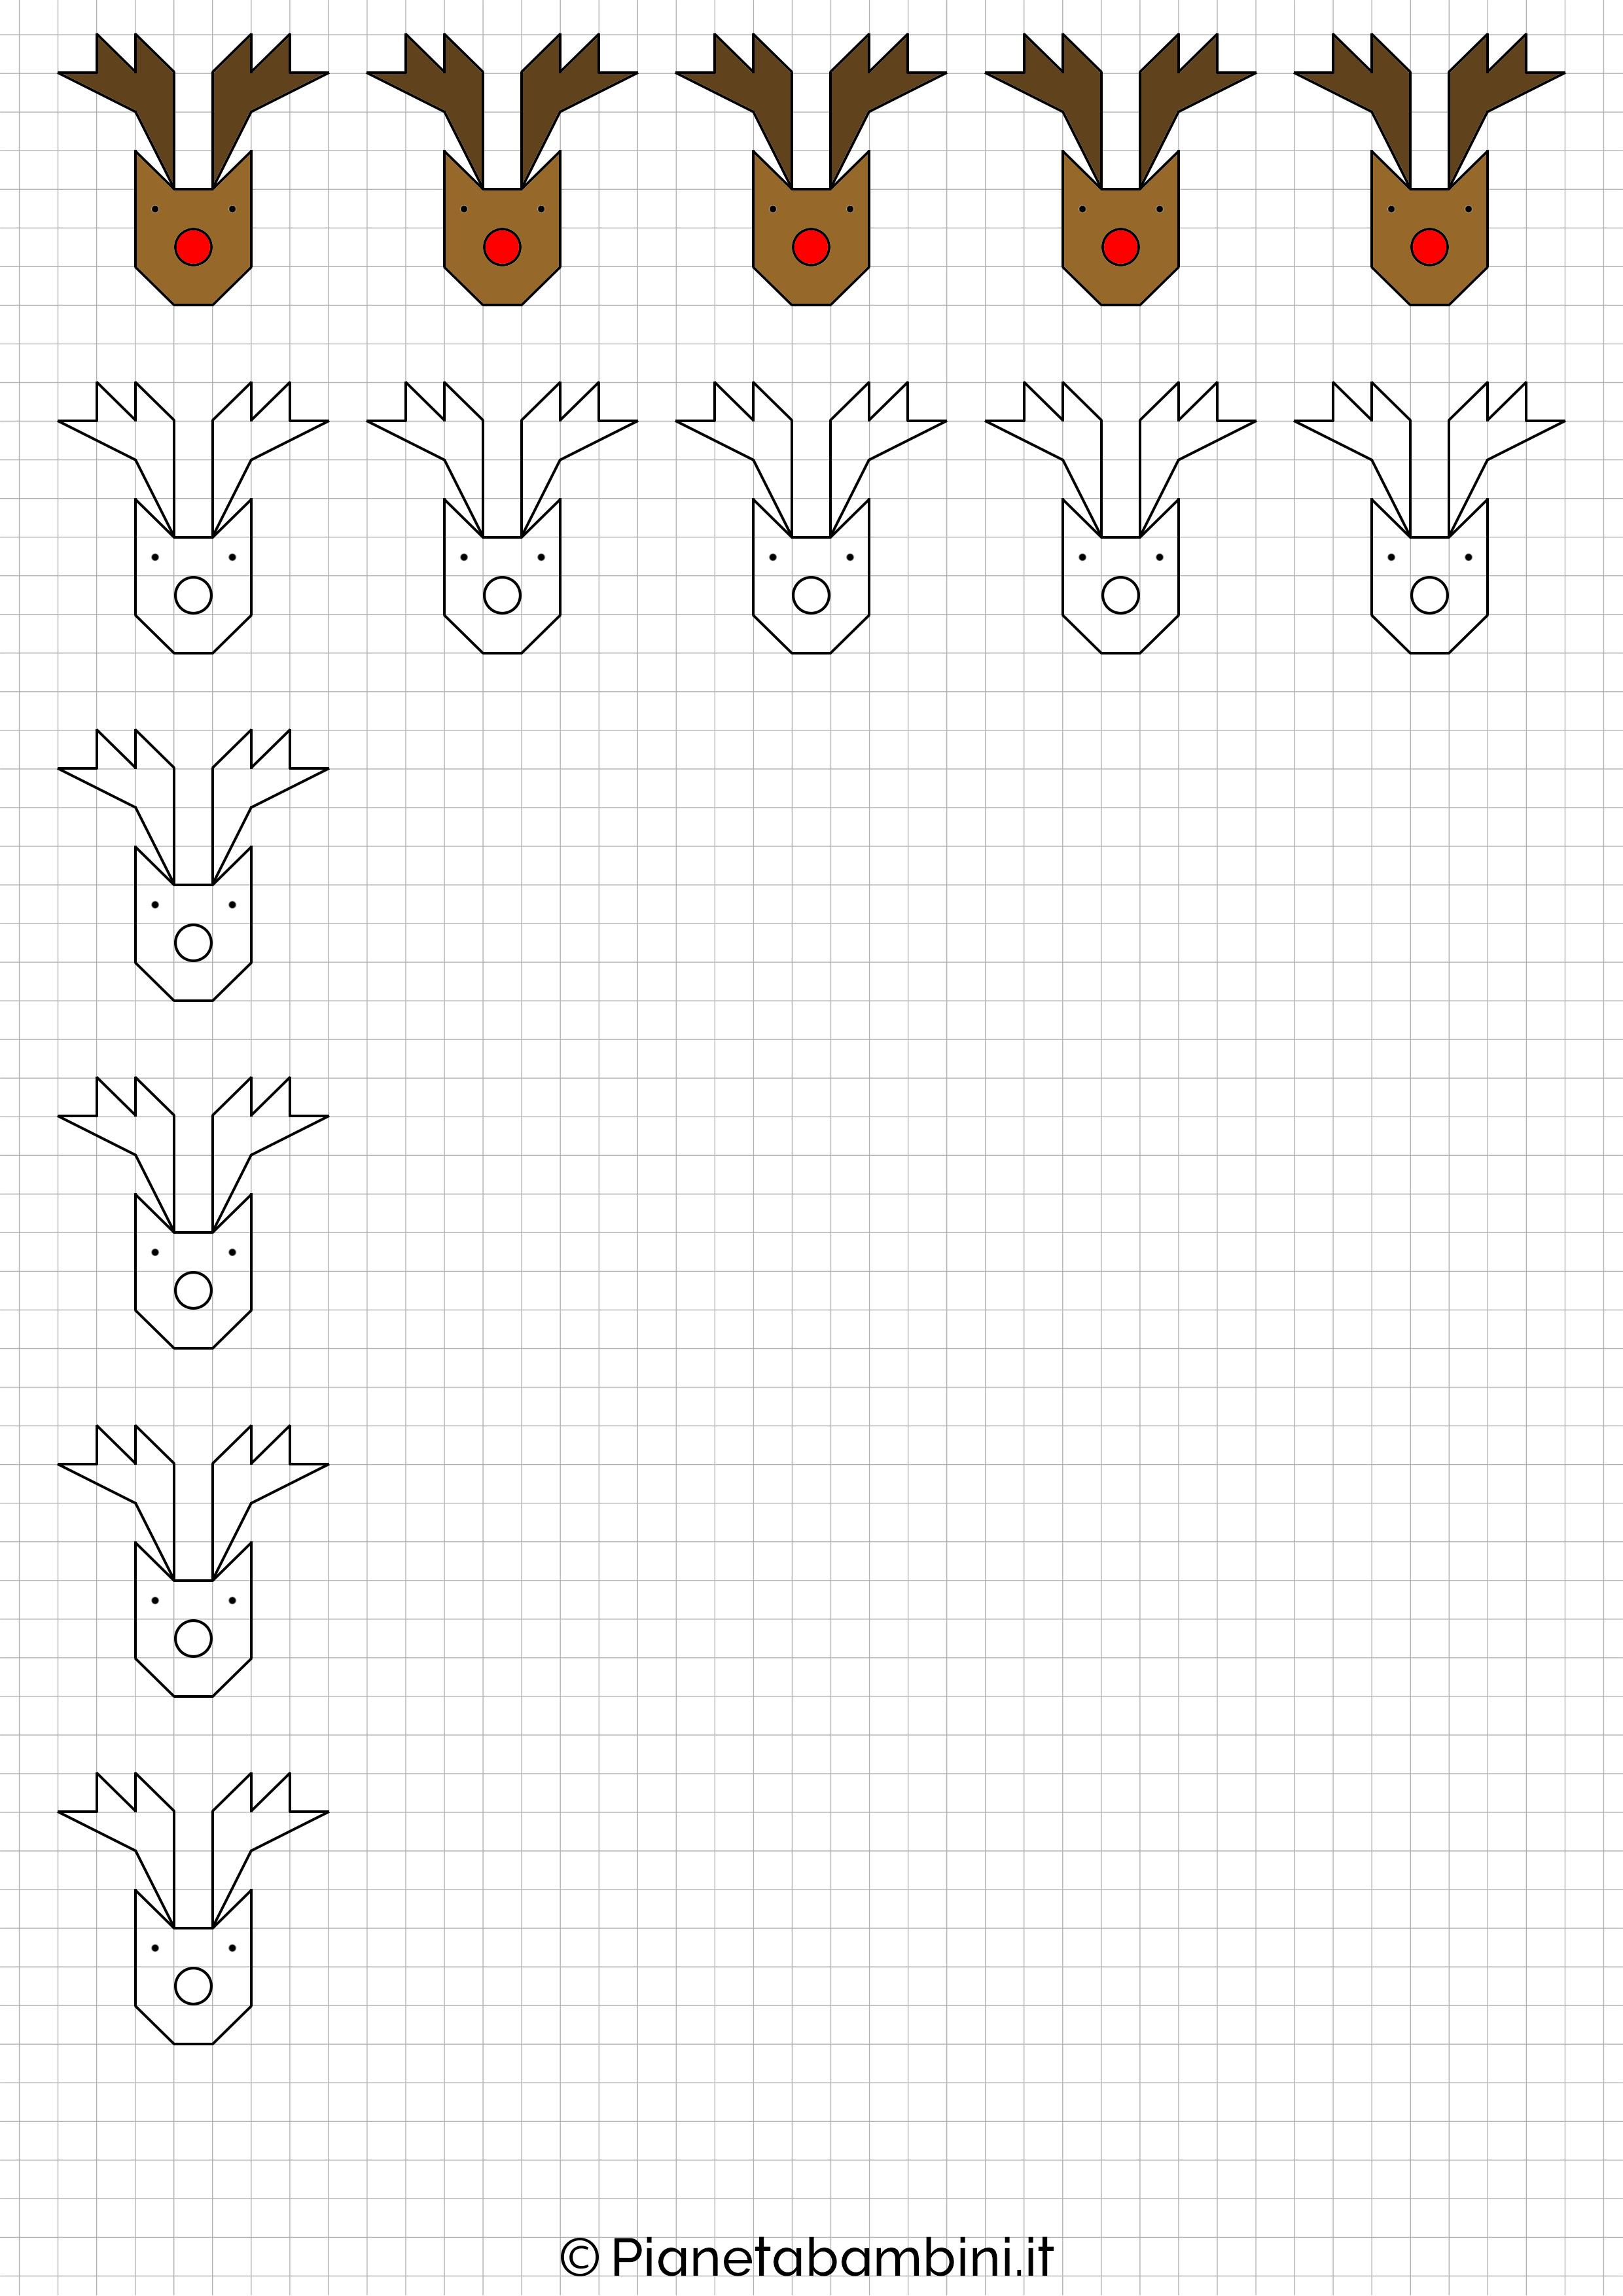 Disegni Di Natale A Quadretti.Cornicette Di Natale A Quadretti Da Disegnare E Colorare Pianetabambini It Le Idee Della Scuola Idee Per L Insegnamento Natale